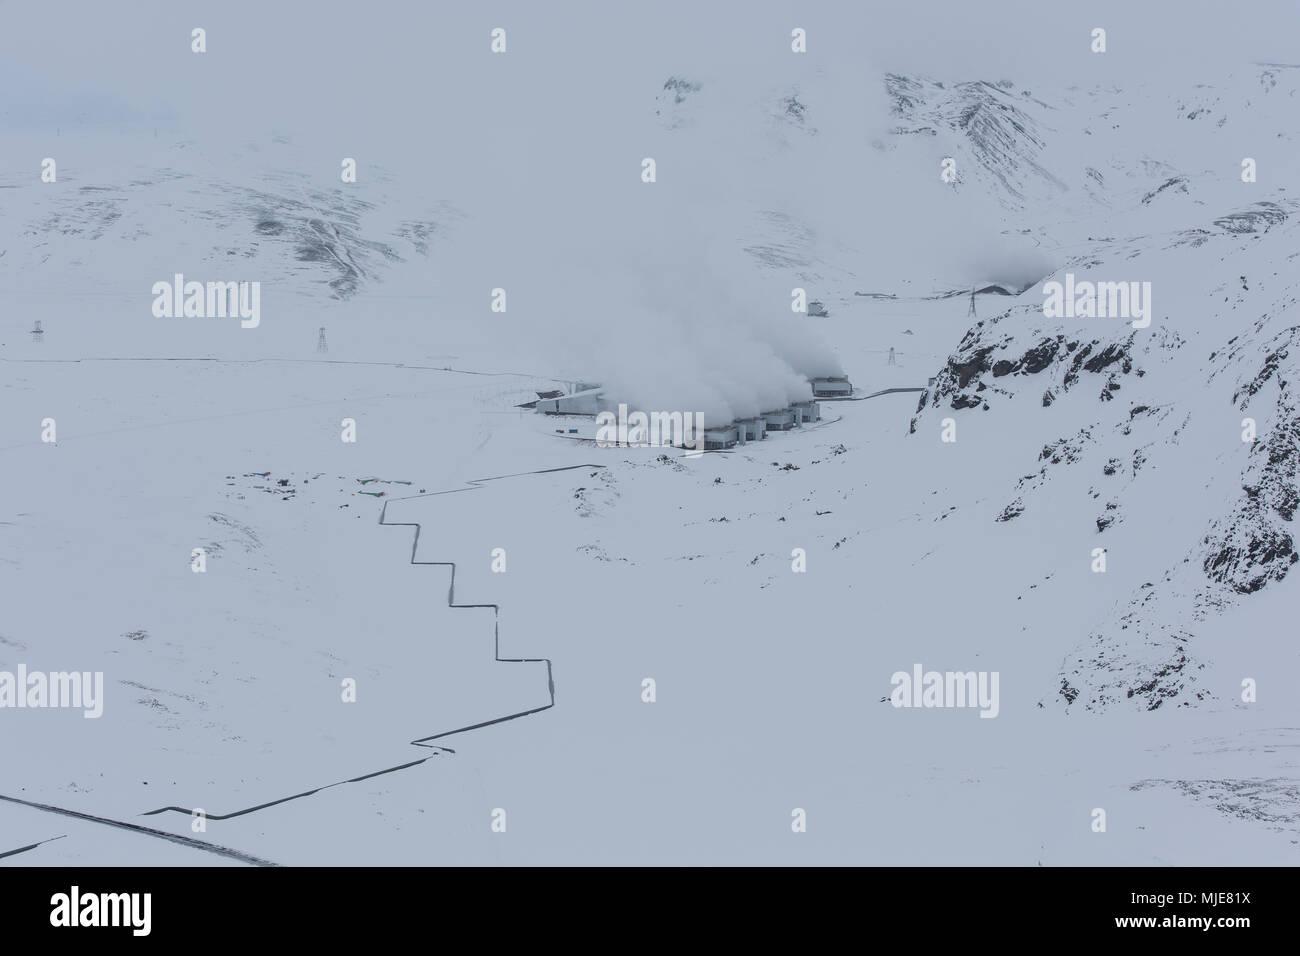 L'Islande en hiver, bird's eye view, la production d'énergie dans un champ géothermique Photo Stock